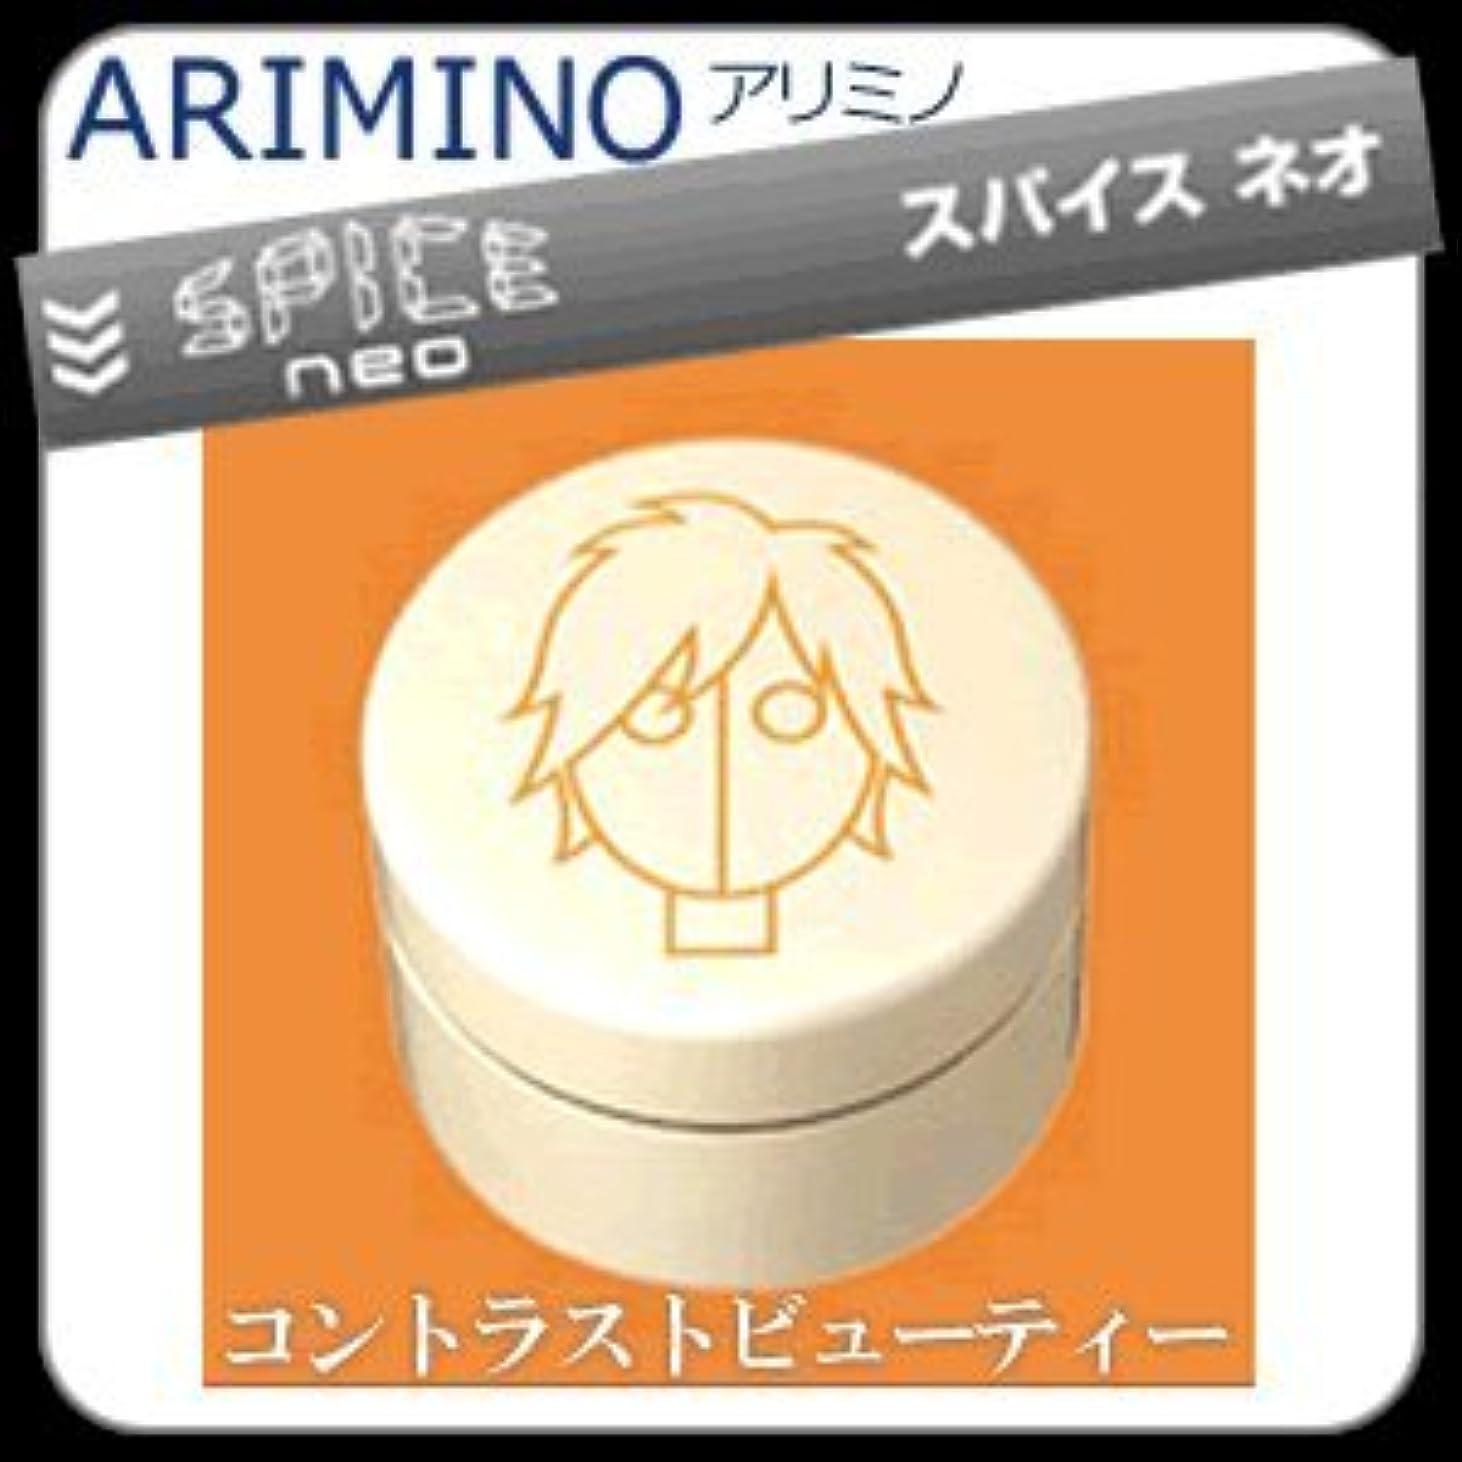 是正するヤギ切る【X5個セット】 アリミノ スパイスネオ LIGHT HARD-WAX ライトハードワックス 100g ARIMINO SPICE neo